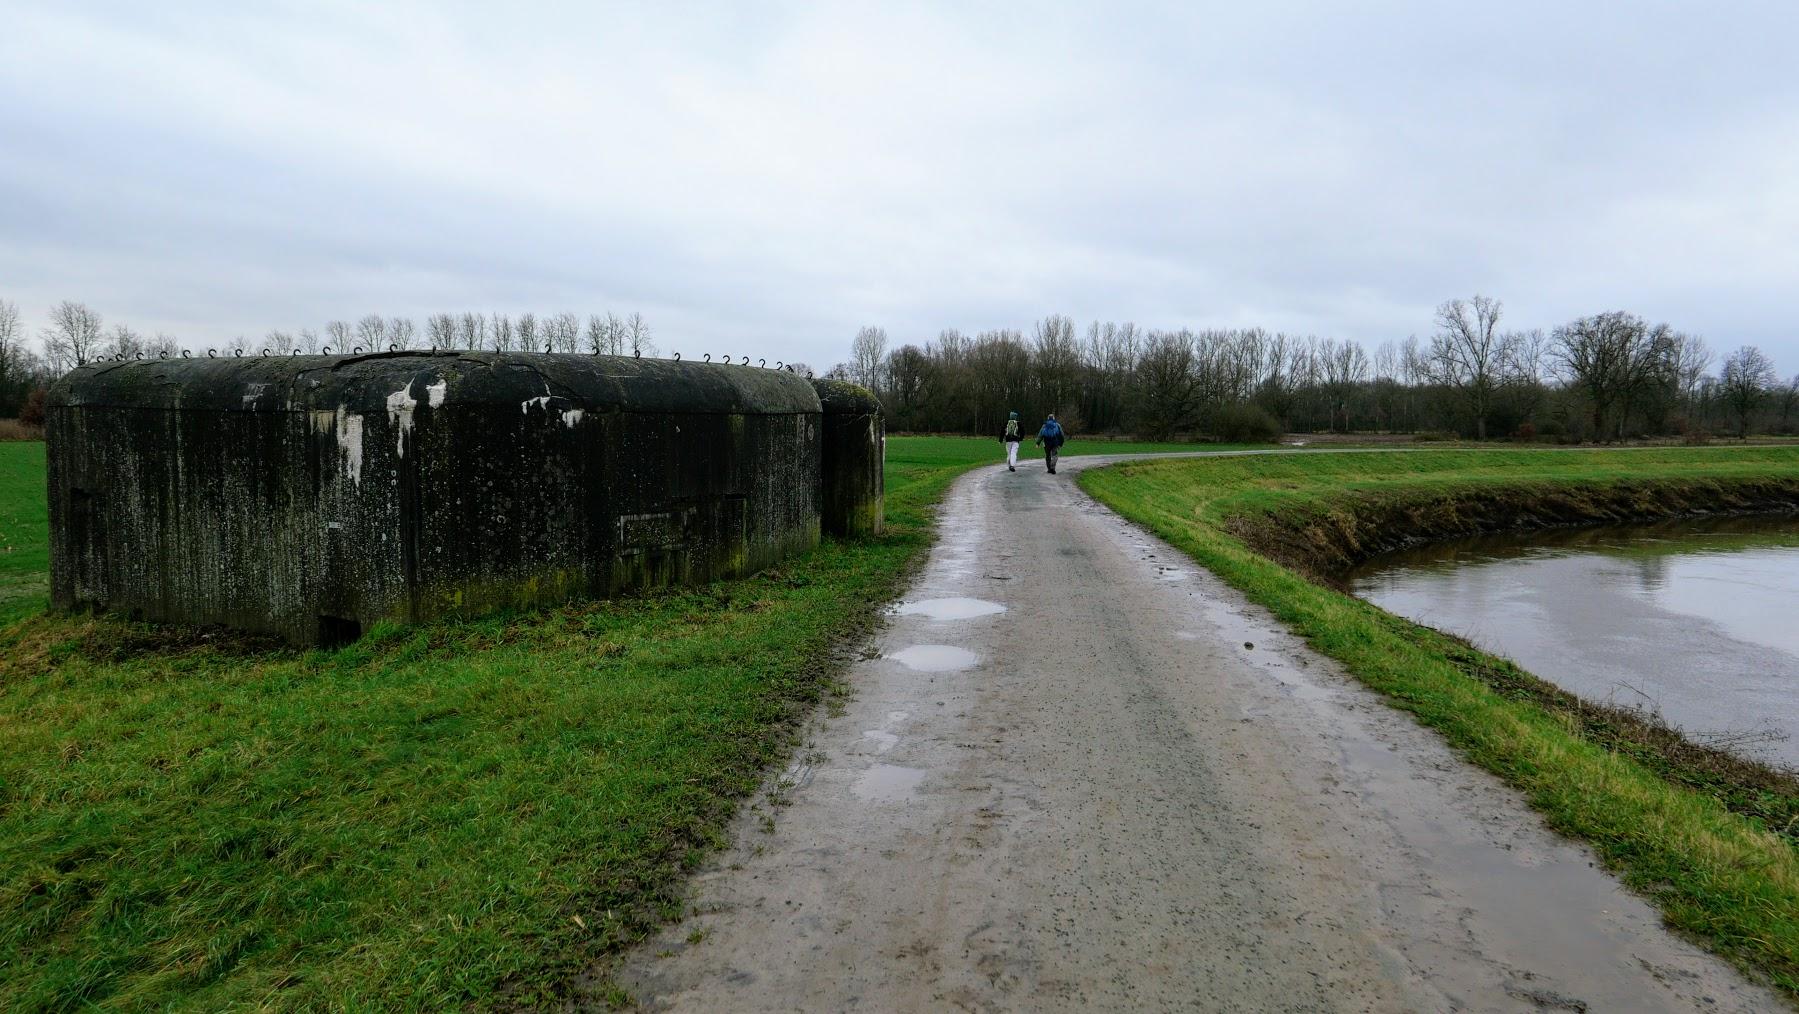 bunker, overblijfsel van KW-linie uit de 2de wereldoorlog (liep van Koningshooikt tot Waver)